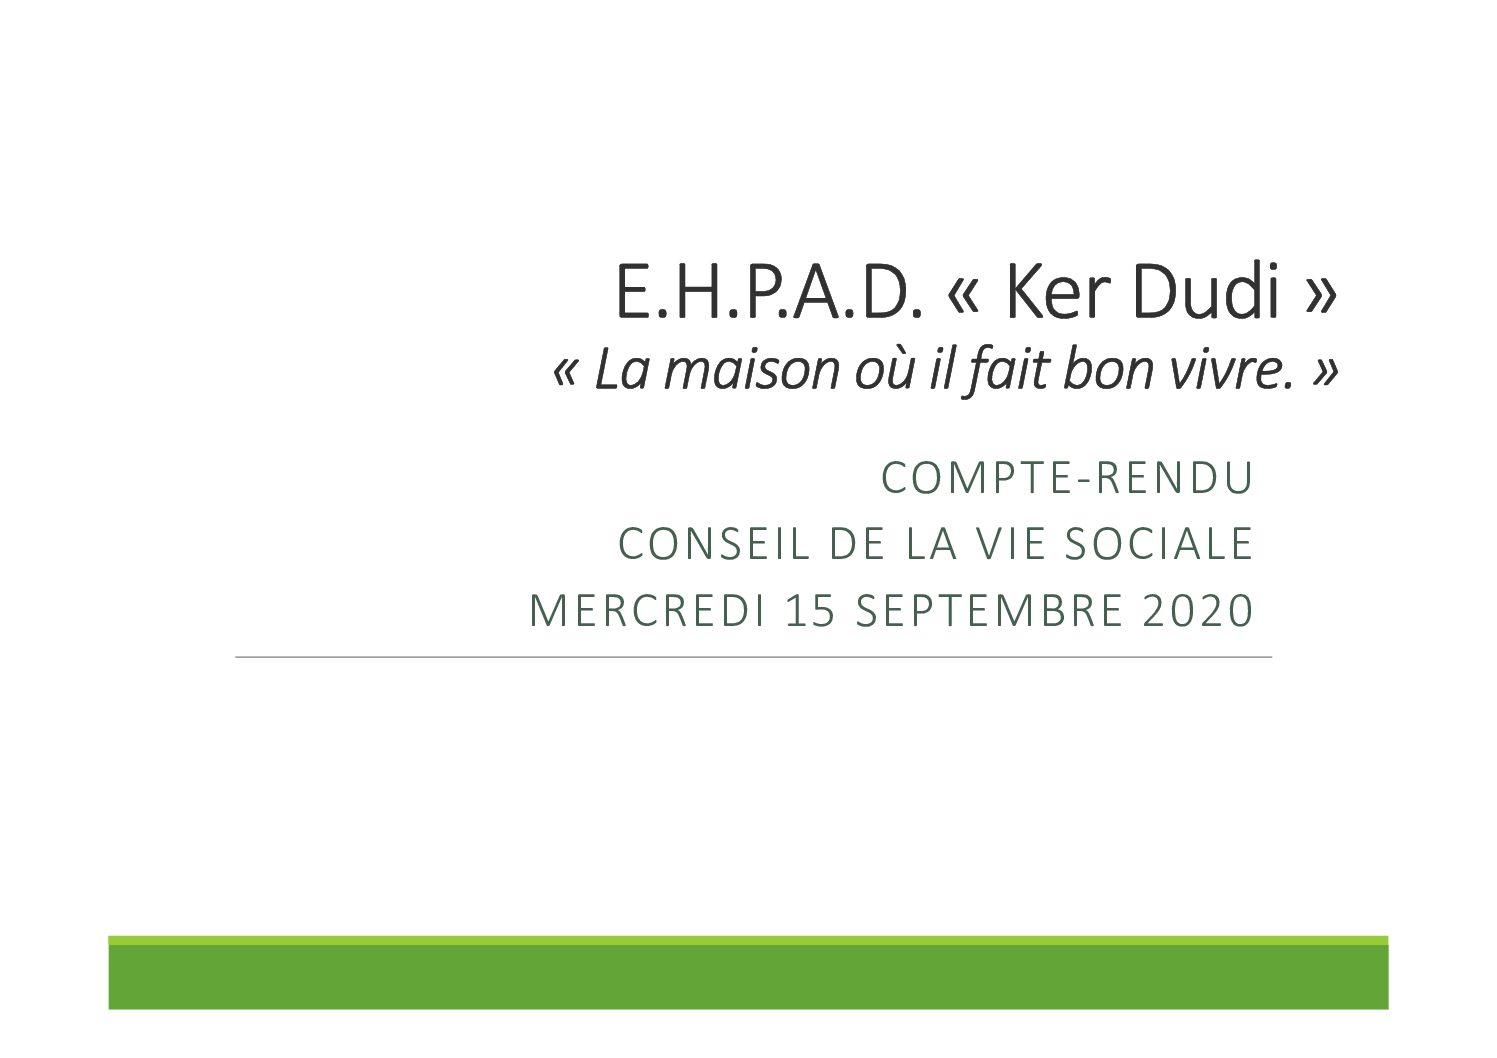 Compte rendu Conseil de la Vie Sociale du 15/09/2020